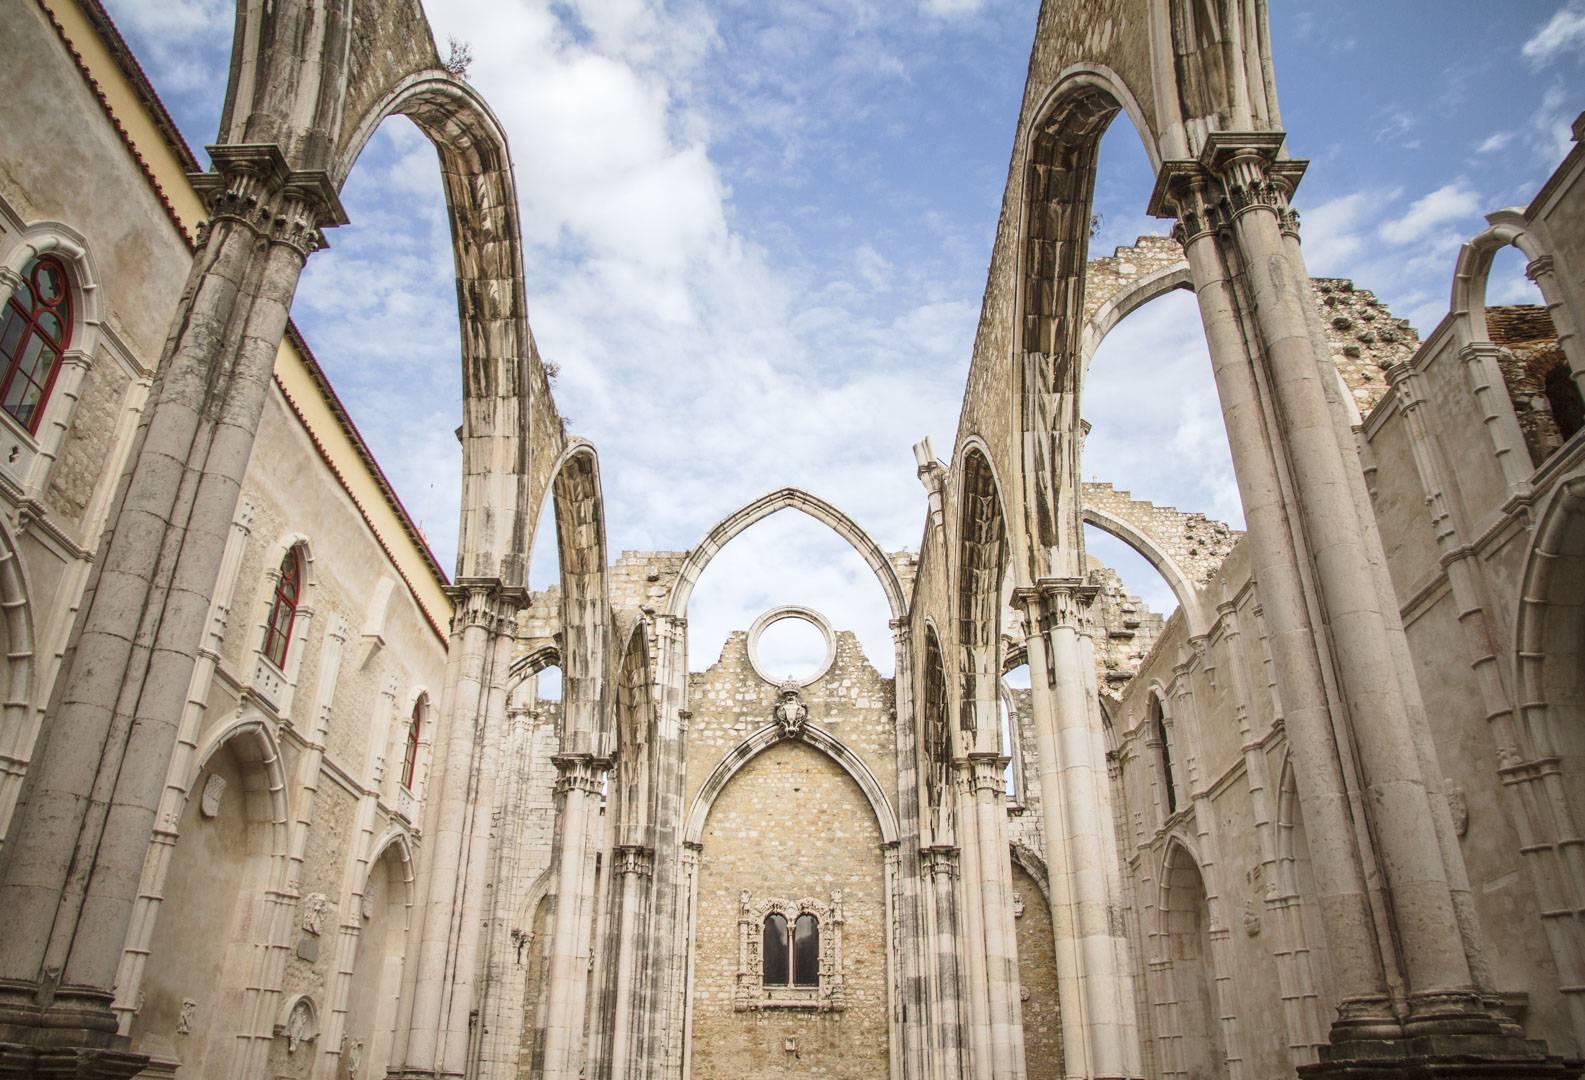 Photo 1: Le couvent des carmes - Lisbonne